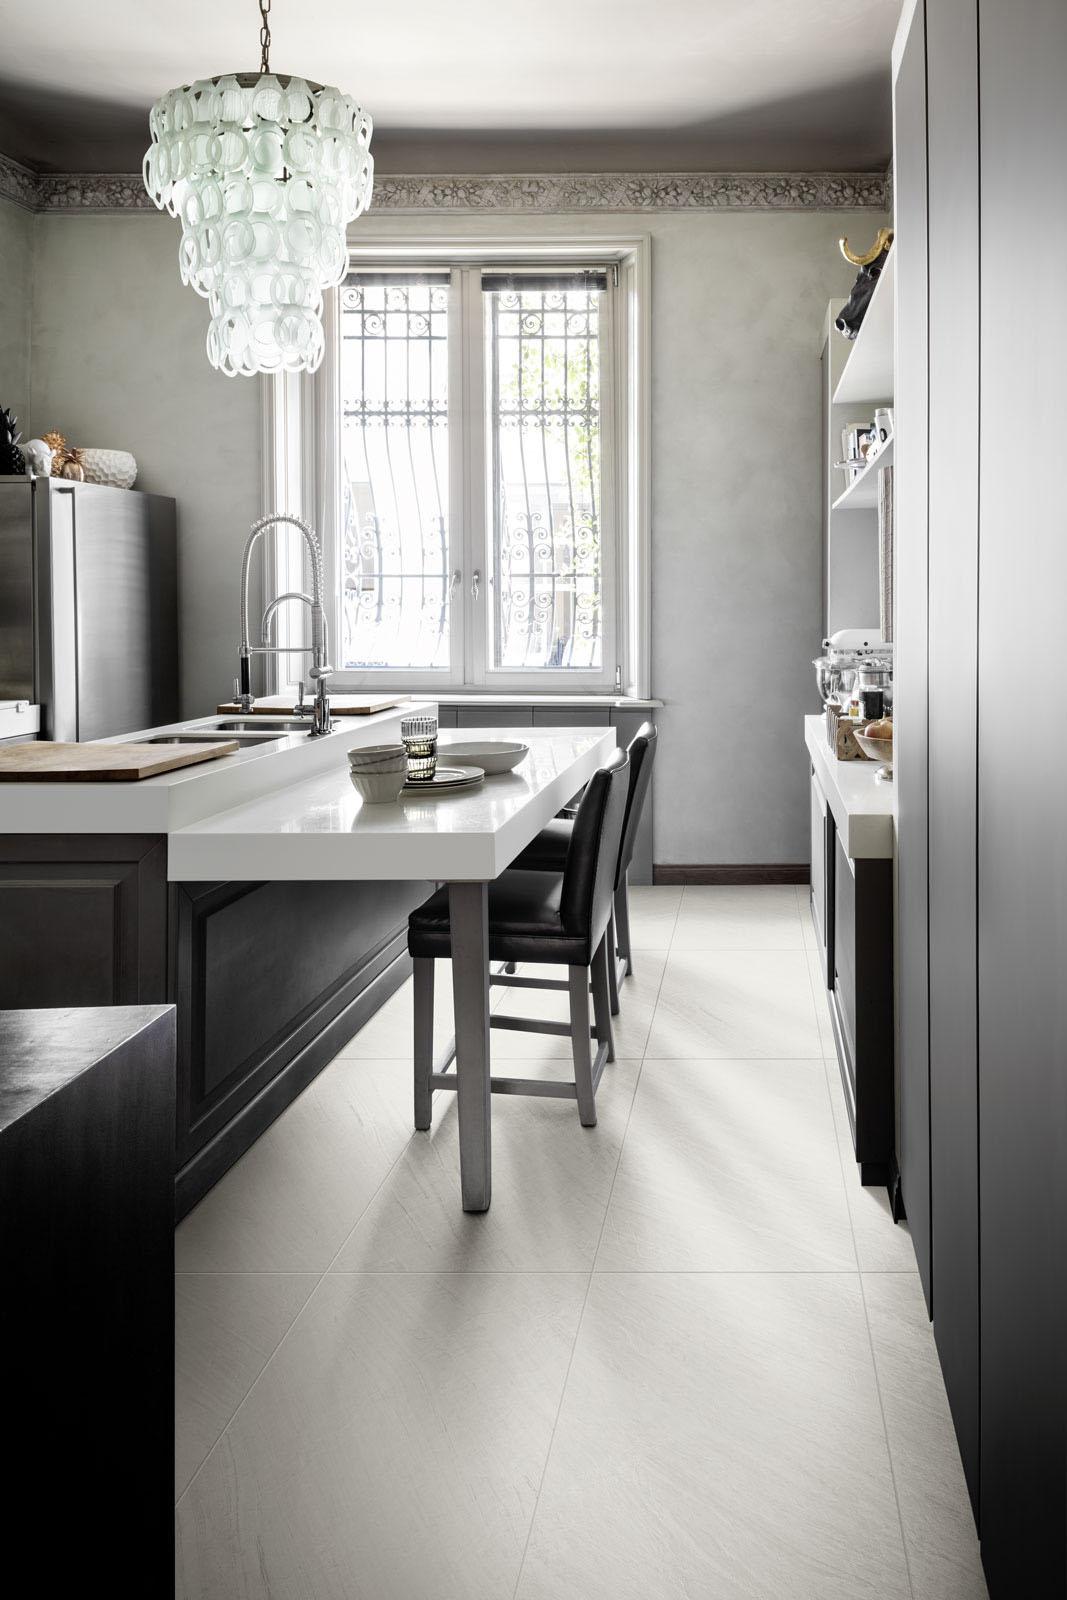 Carrelage cuisine: des idées en céramique et grès | Marazzi